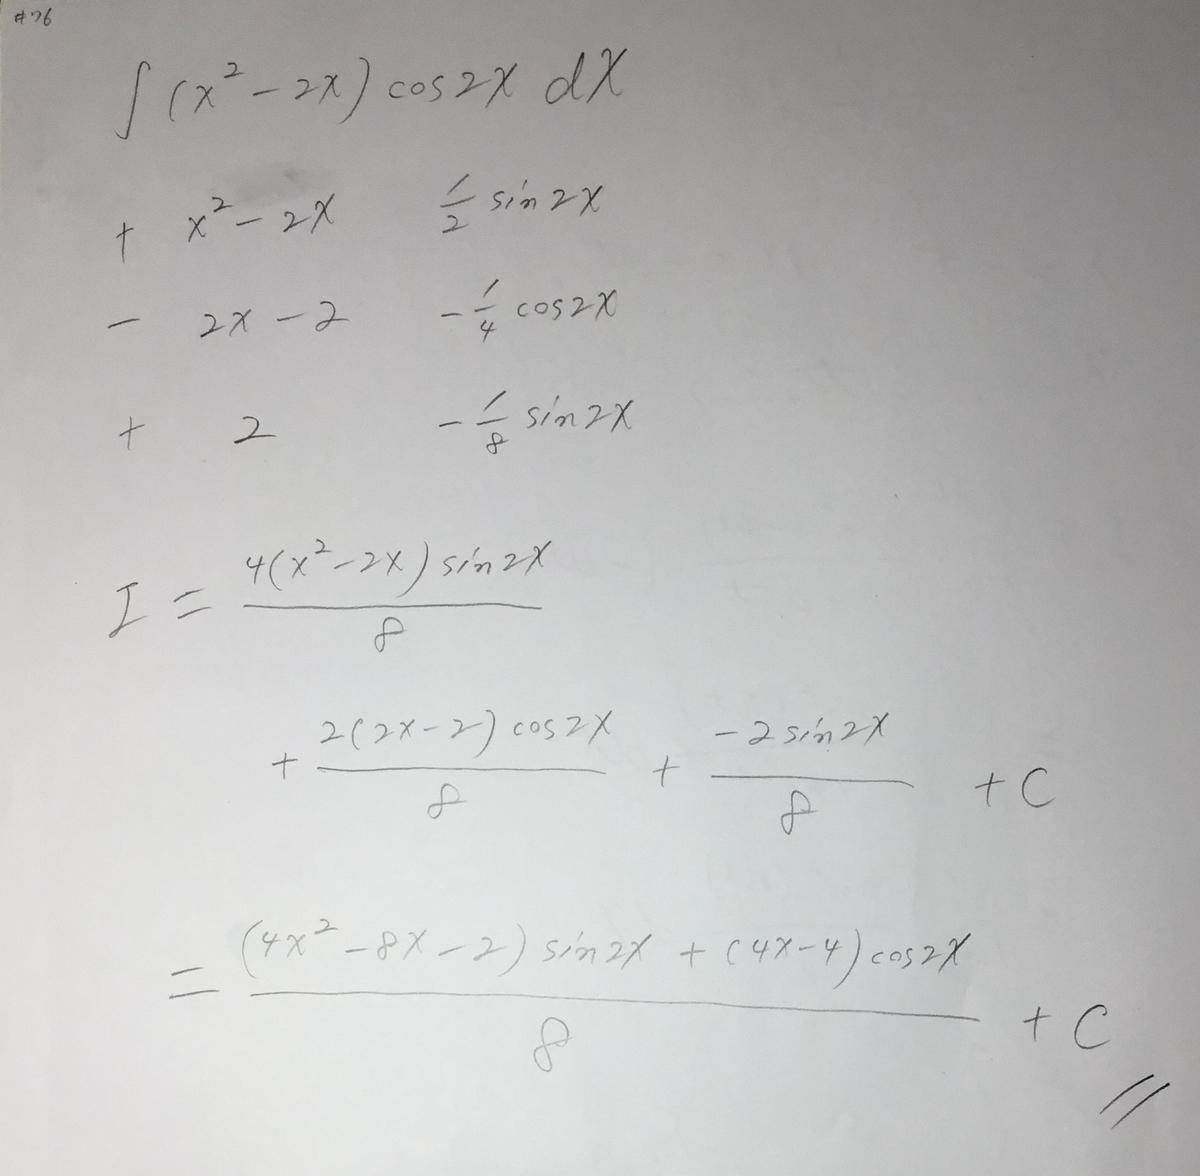 f:id:manaveemath:20201101000330j:plain